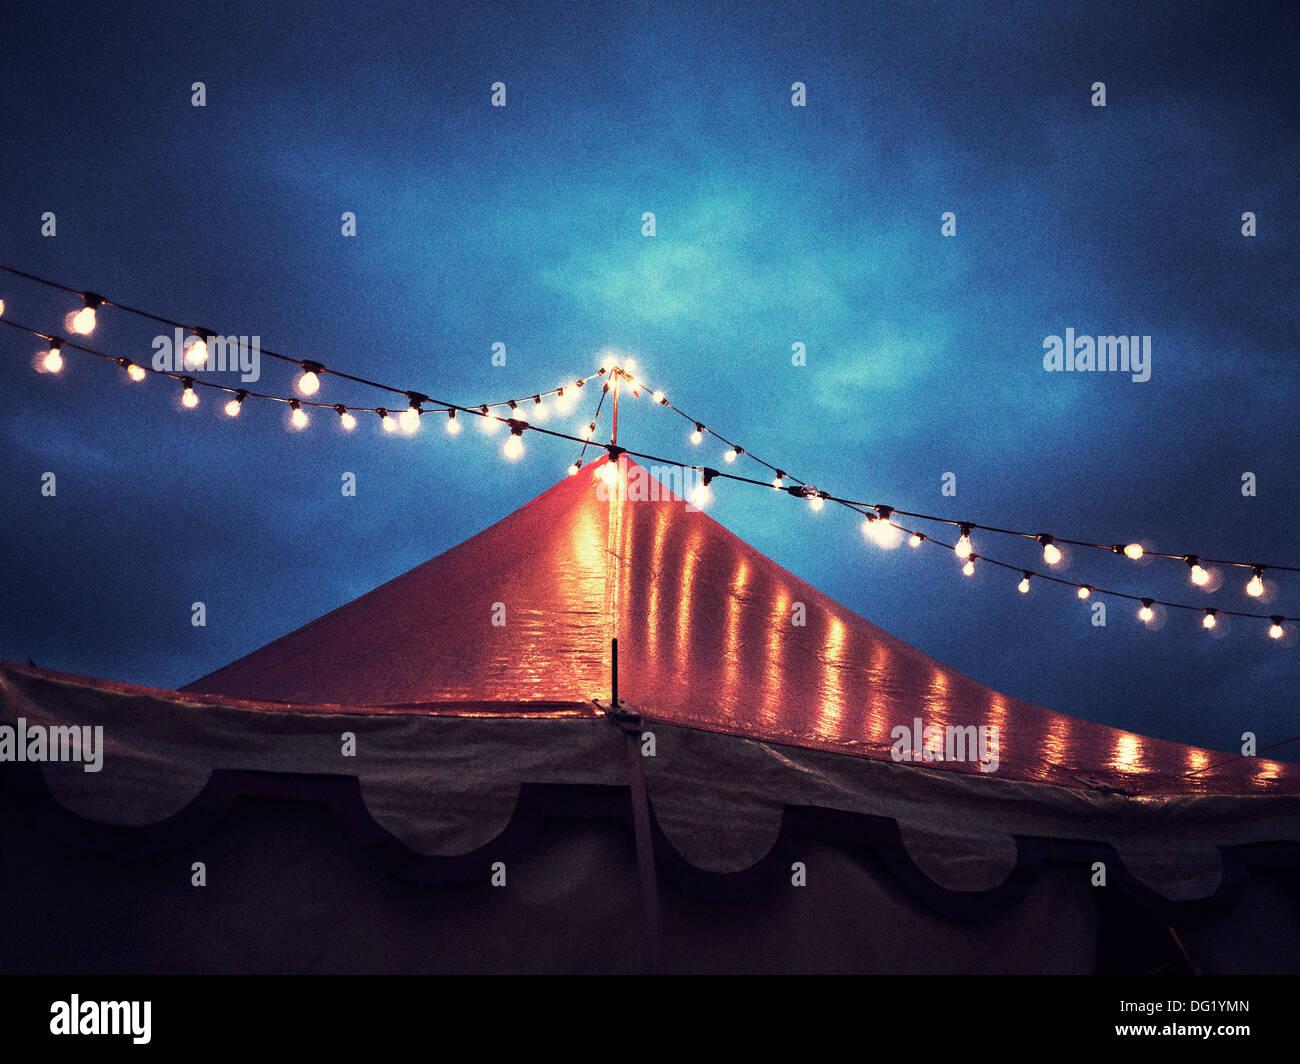 Tente de cirque et chaîne de lumières la nuit, Low Angle View Photo Stock